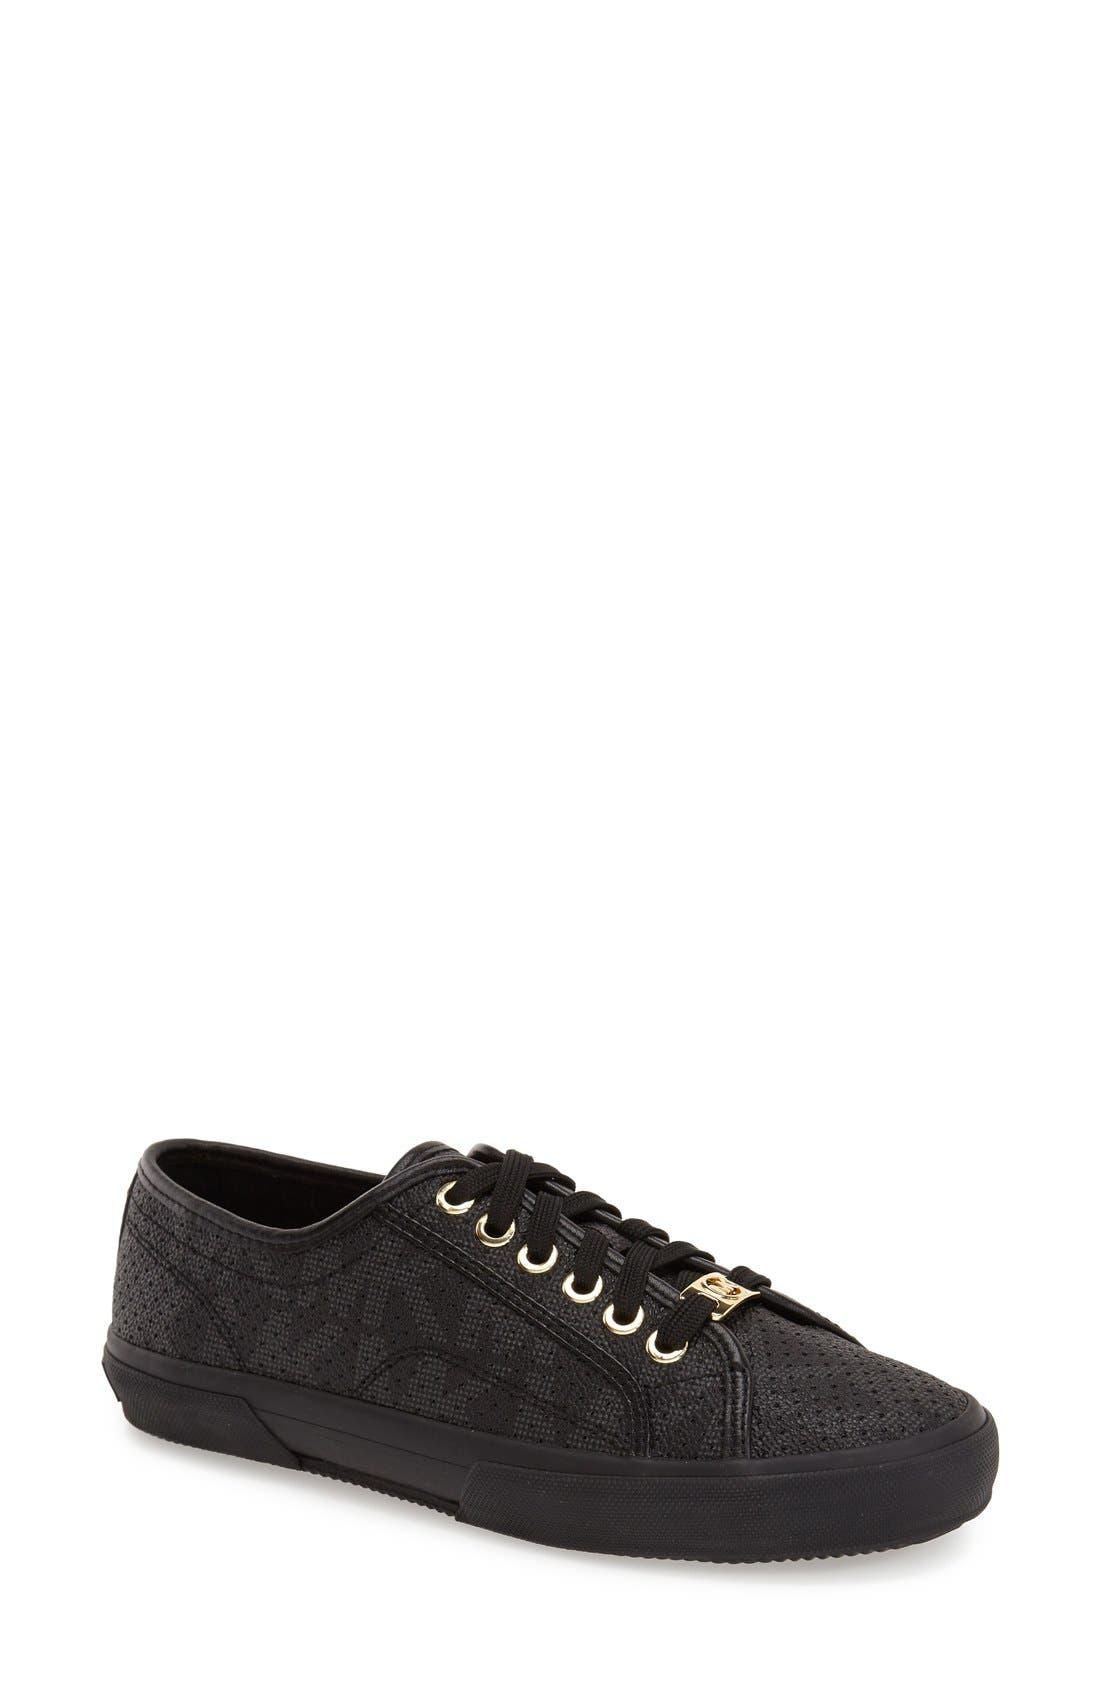 'Boerum' Sneaker,                             Main thumbnail 1, color,                             001